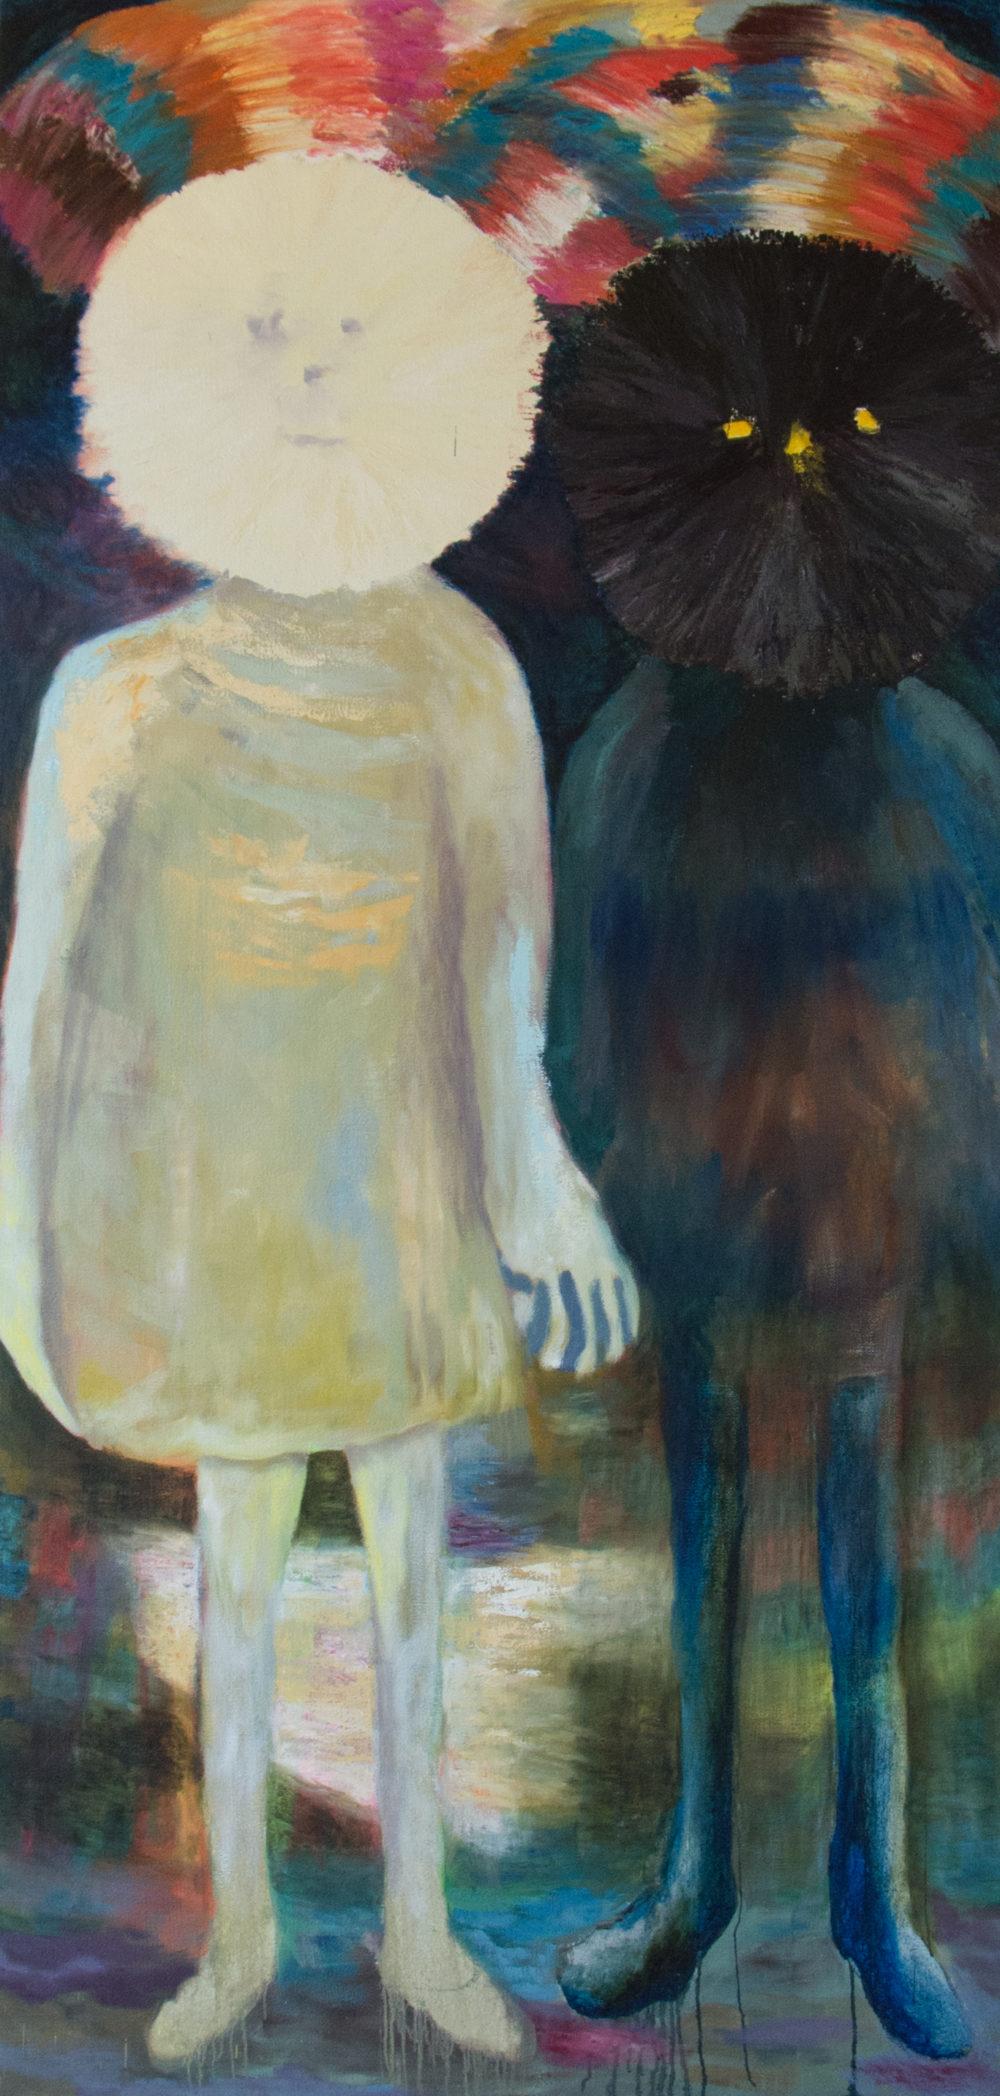 Jour et nuit 2016 Oel auf Jute 250 x 120 cm